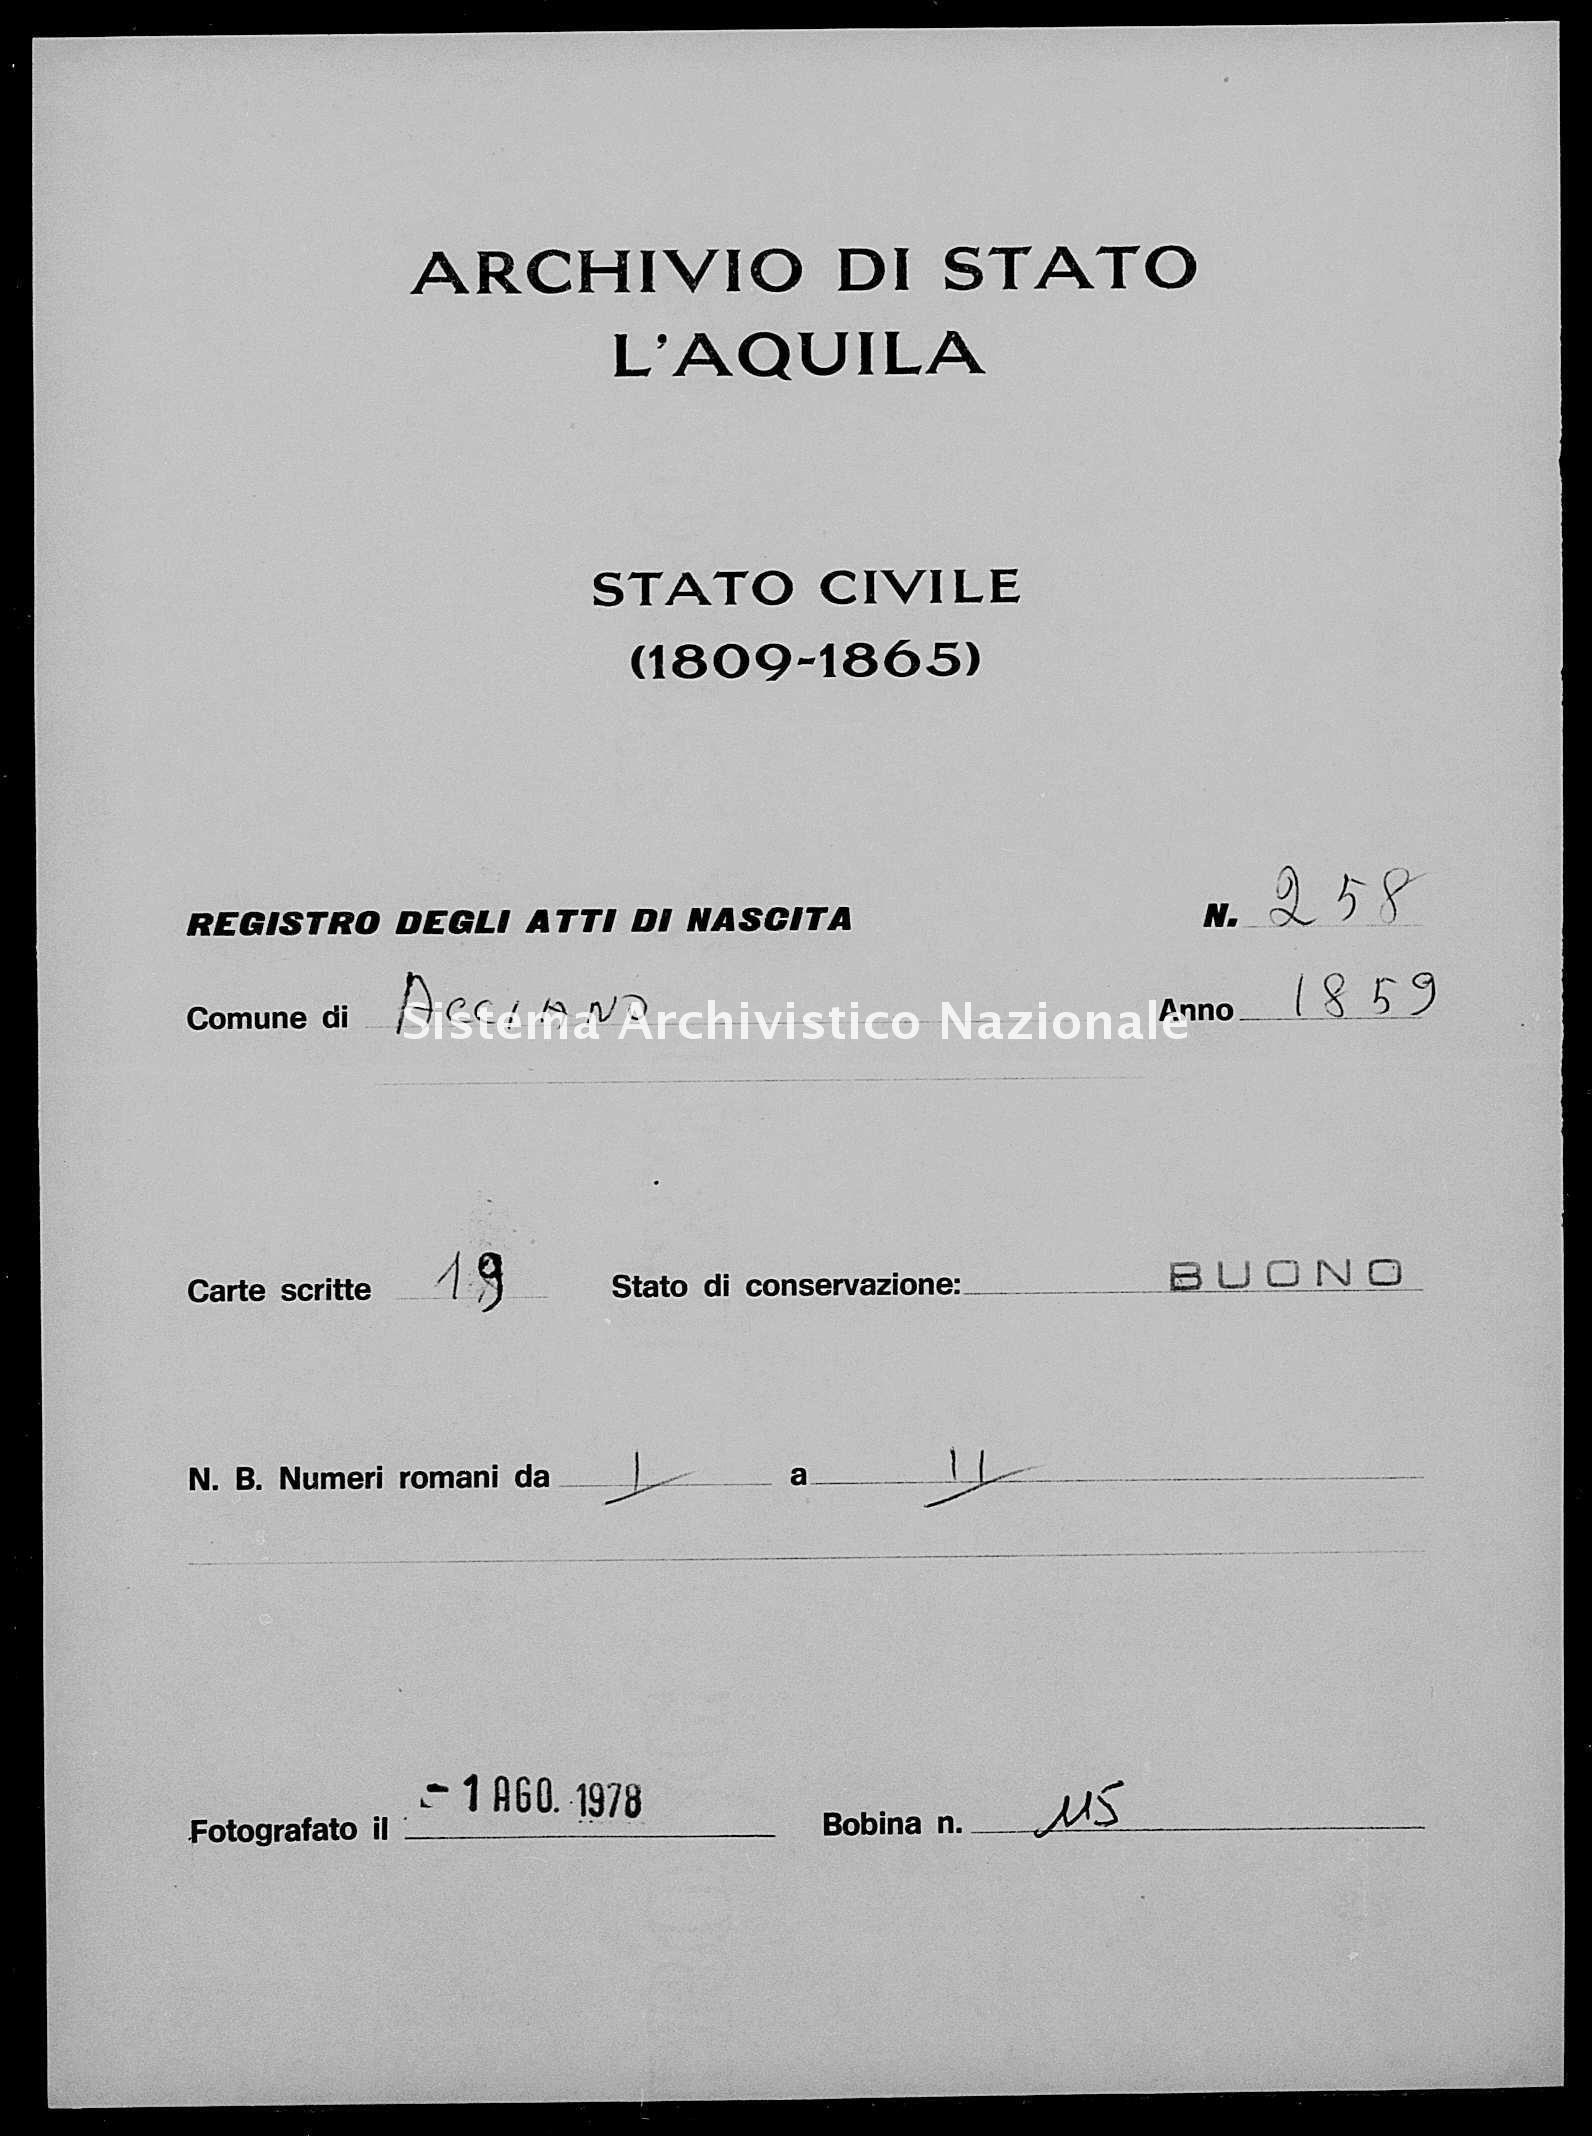 Archivio di stato di L'aquila - Stato civile della restaurazione - Acciano - Nati - 1859 - 258 -